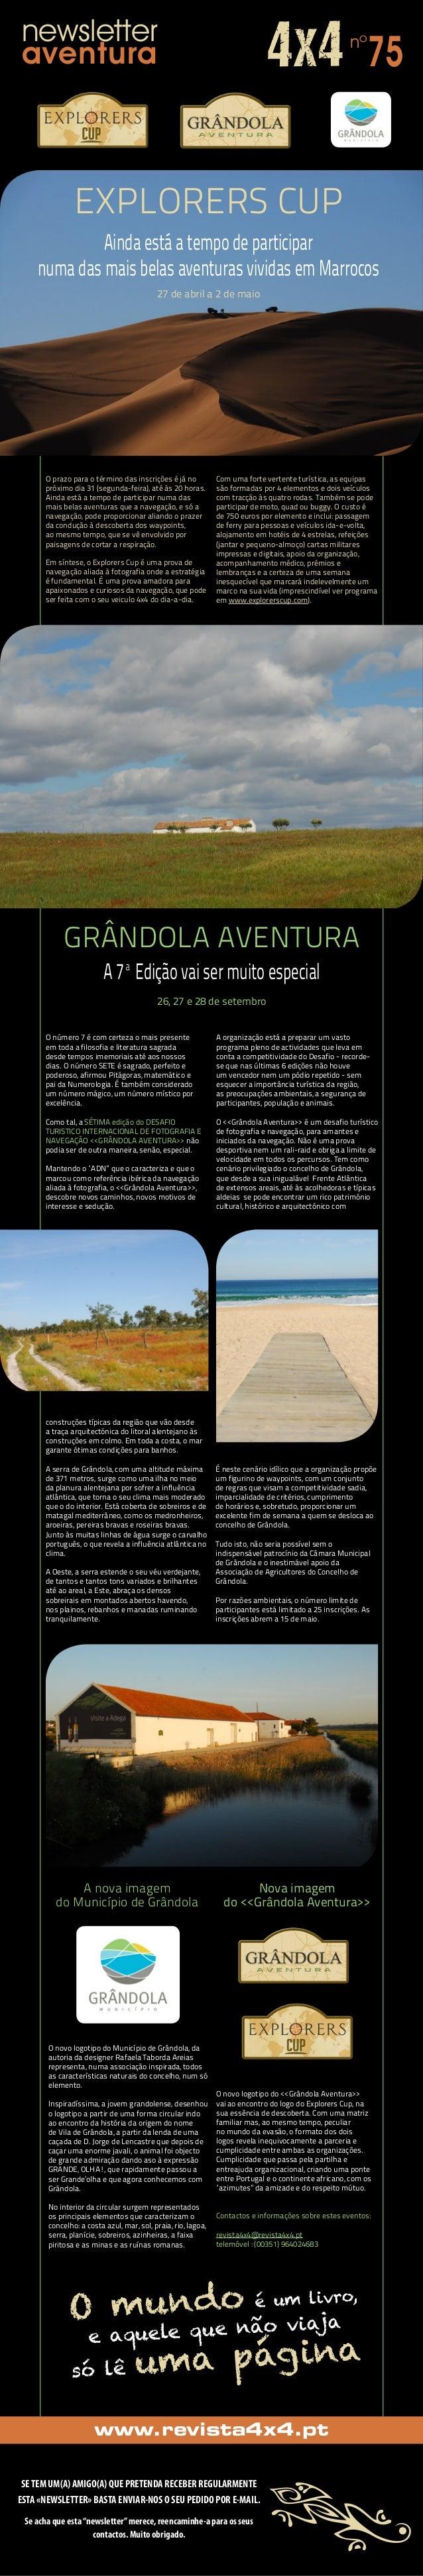 newsletter aventura 75nº 27 de abril a 2 de maio www.revista4x4.pt SETEM UM(A) AMIGO(A) QUE PRETENDA RECEBER REGULARMENTE ...